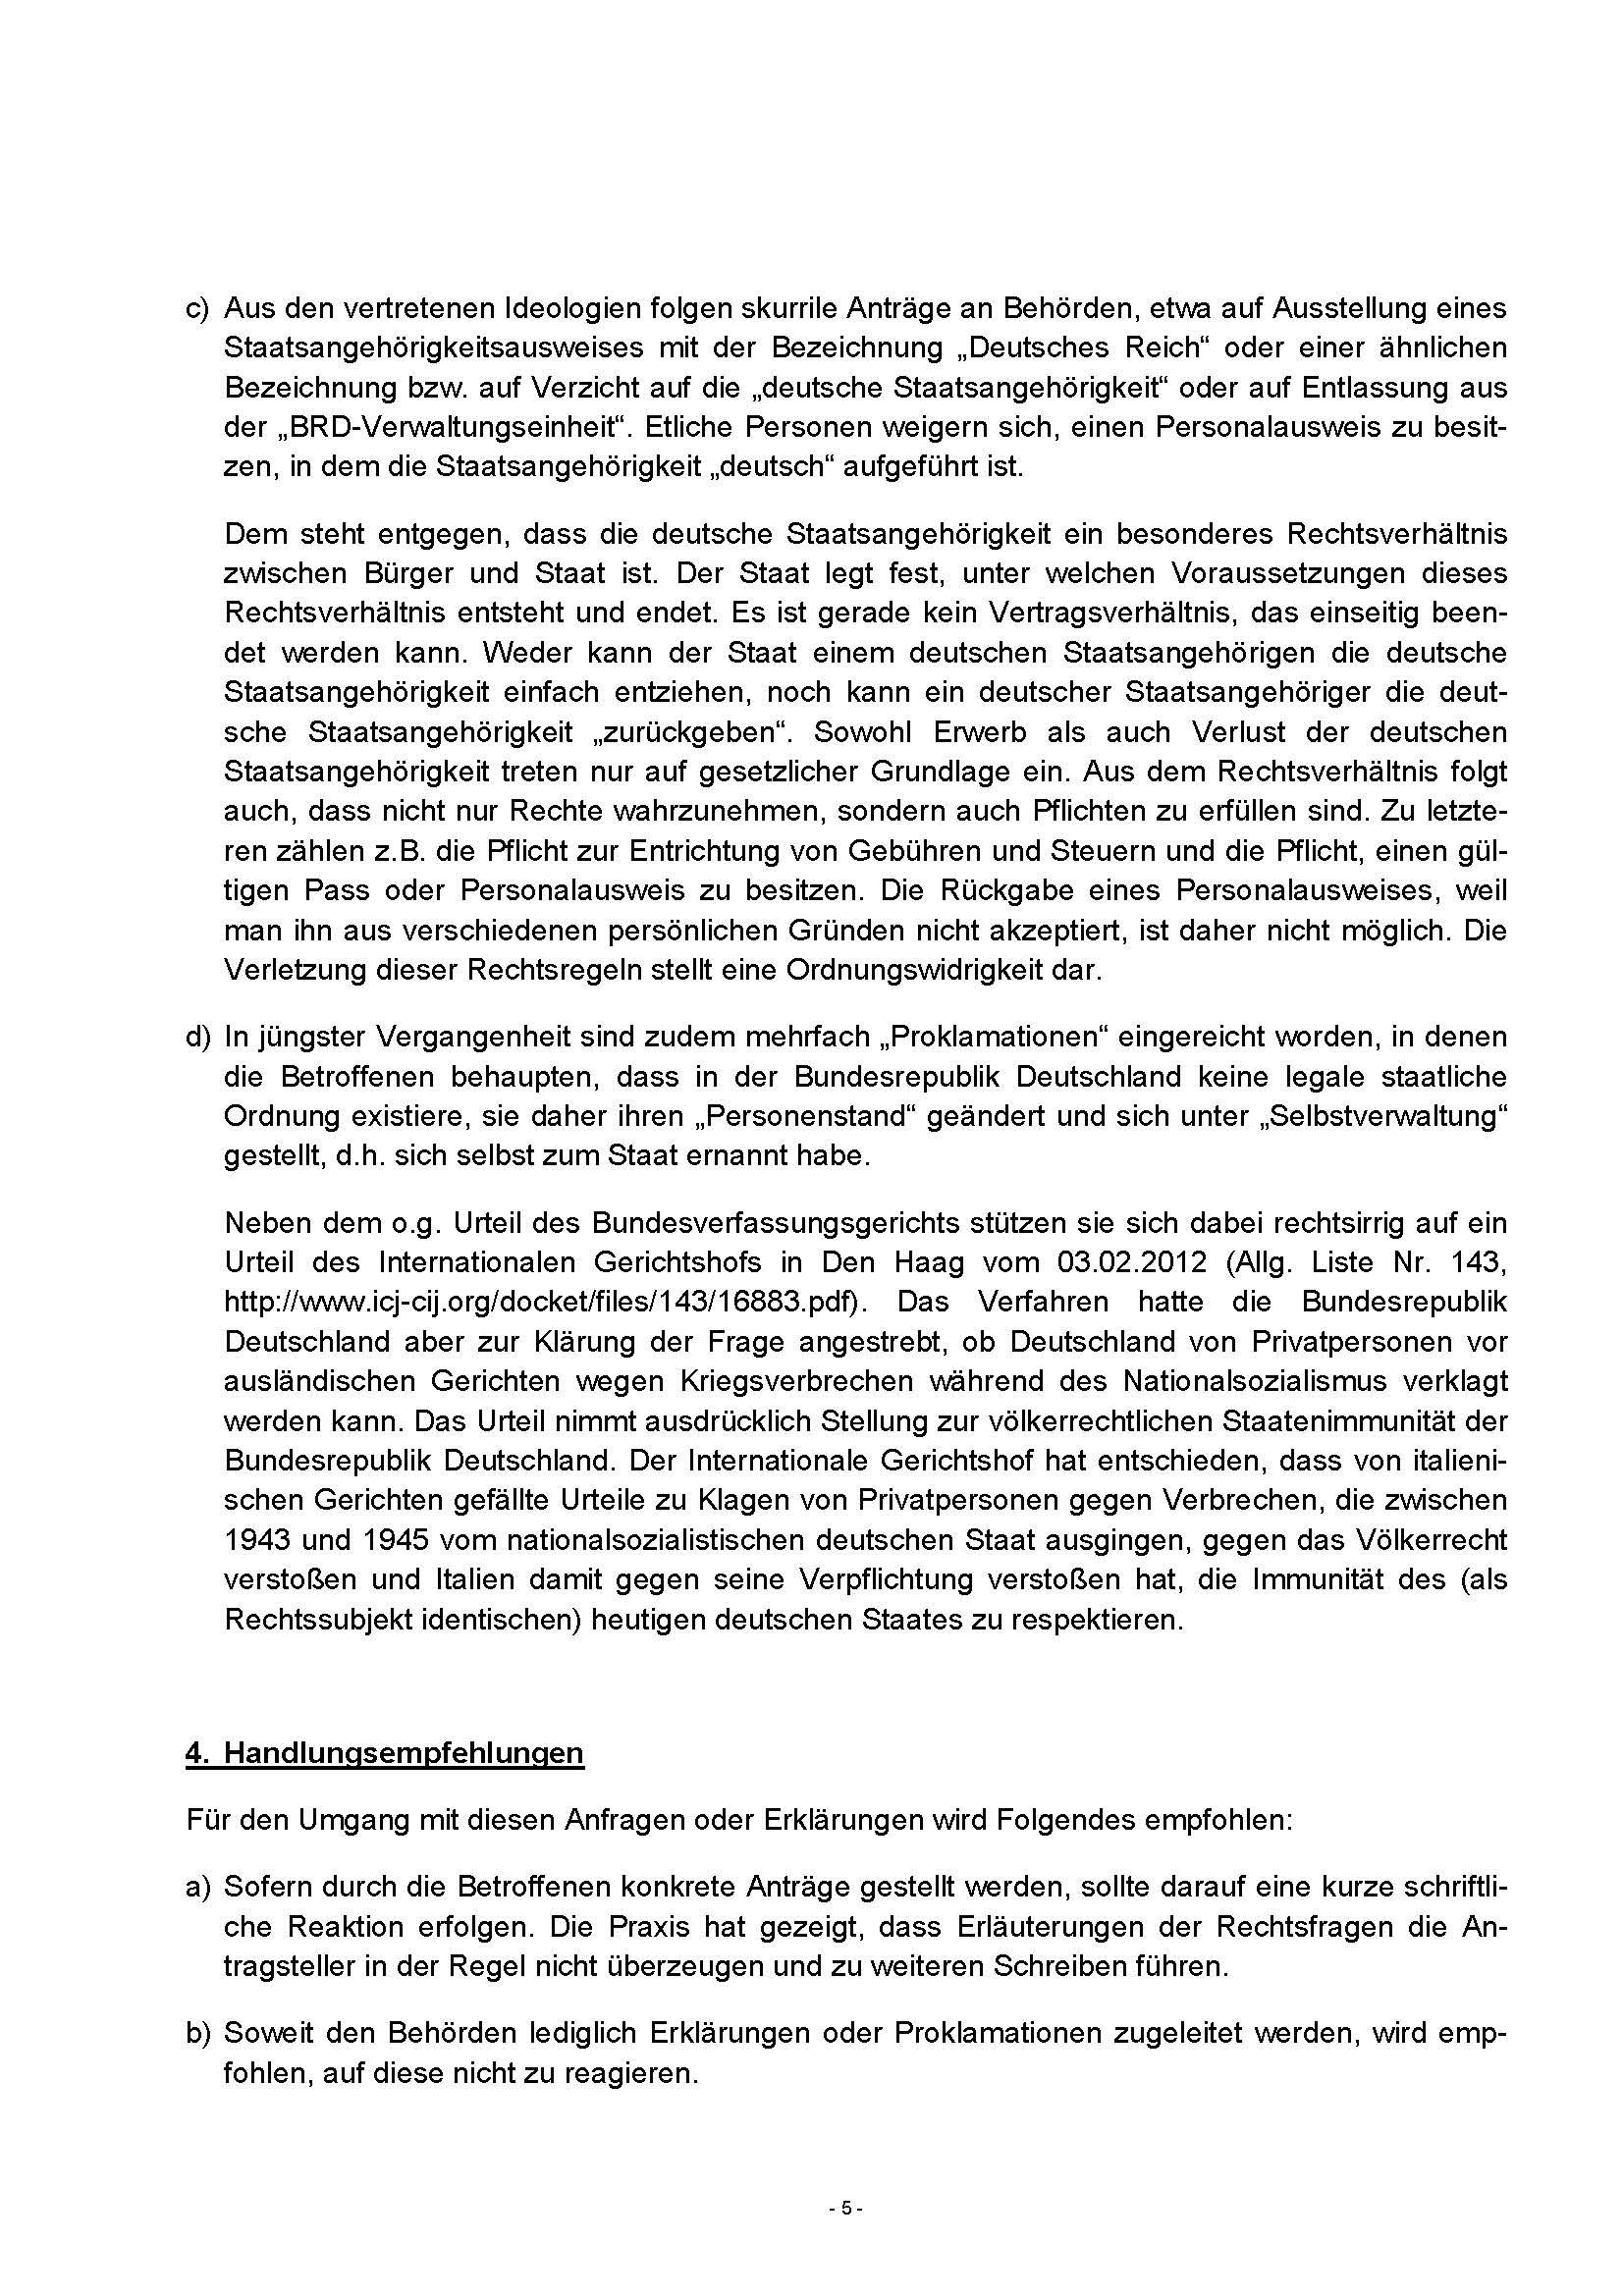 Aktuelle Anweisung Für Behörden Umgang Mit Reichsbürgern